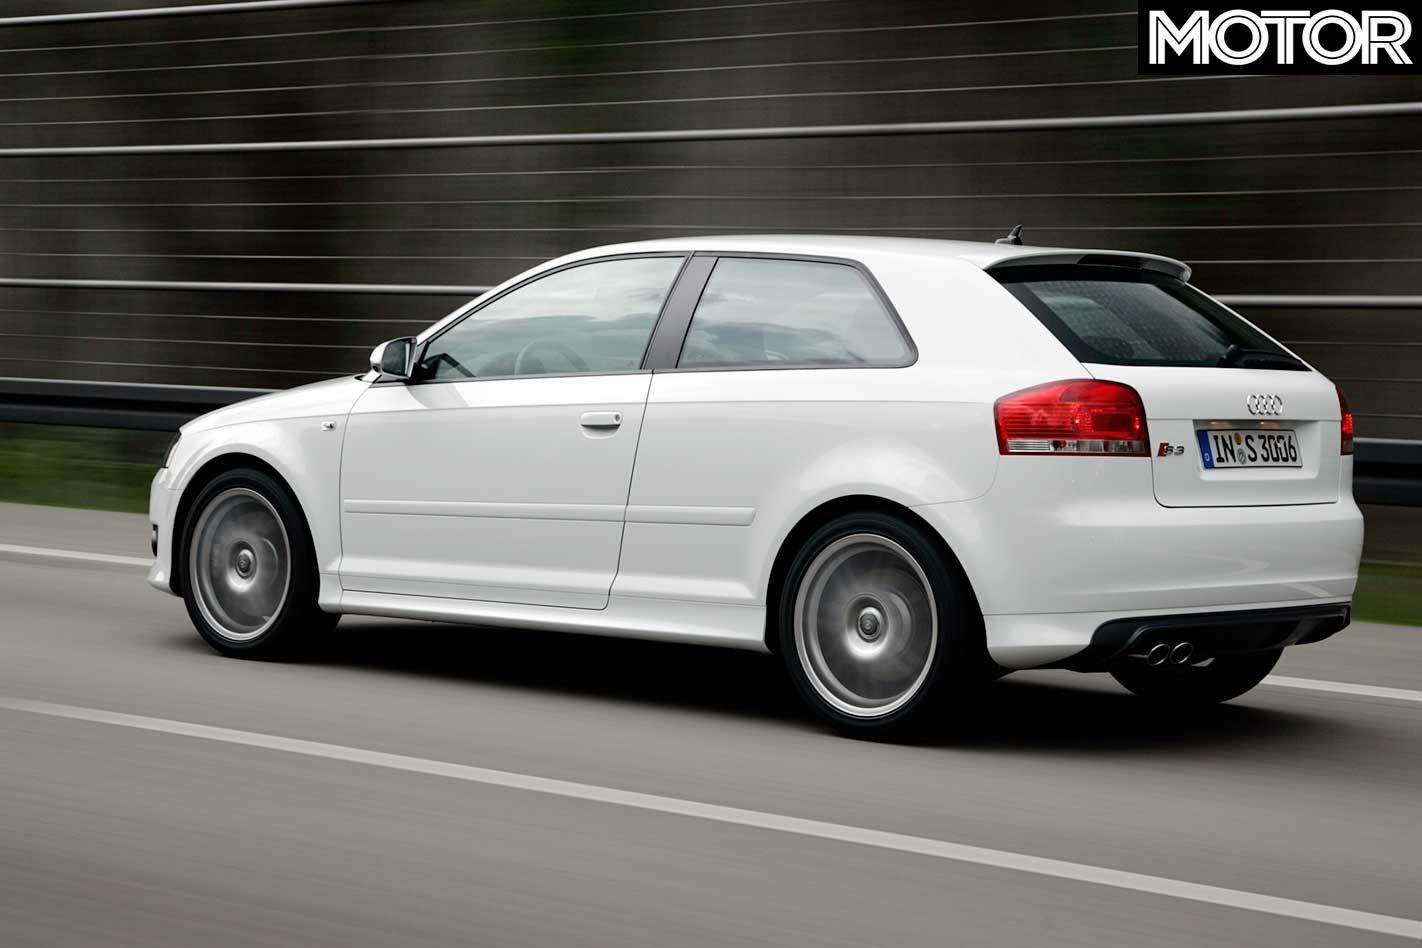 Kelebihan Kekurangan Audi S3 2006 Spesifikasi